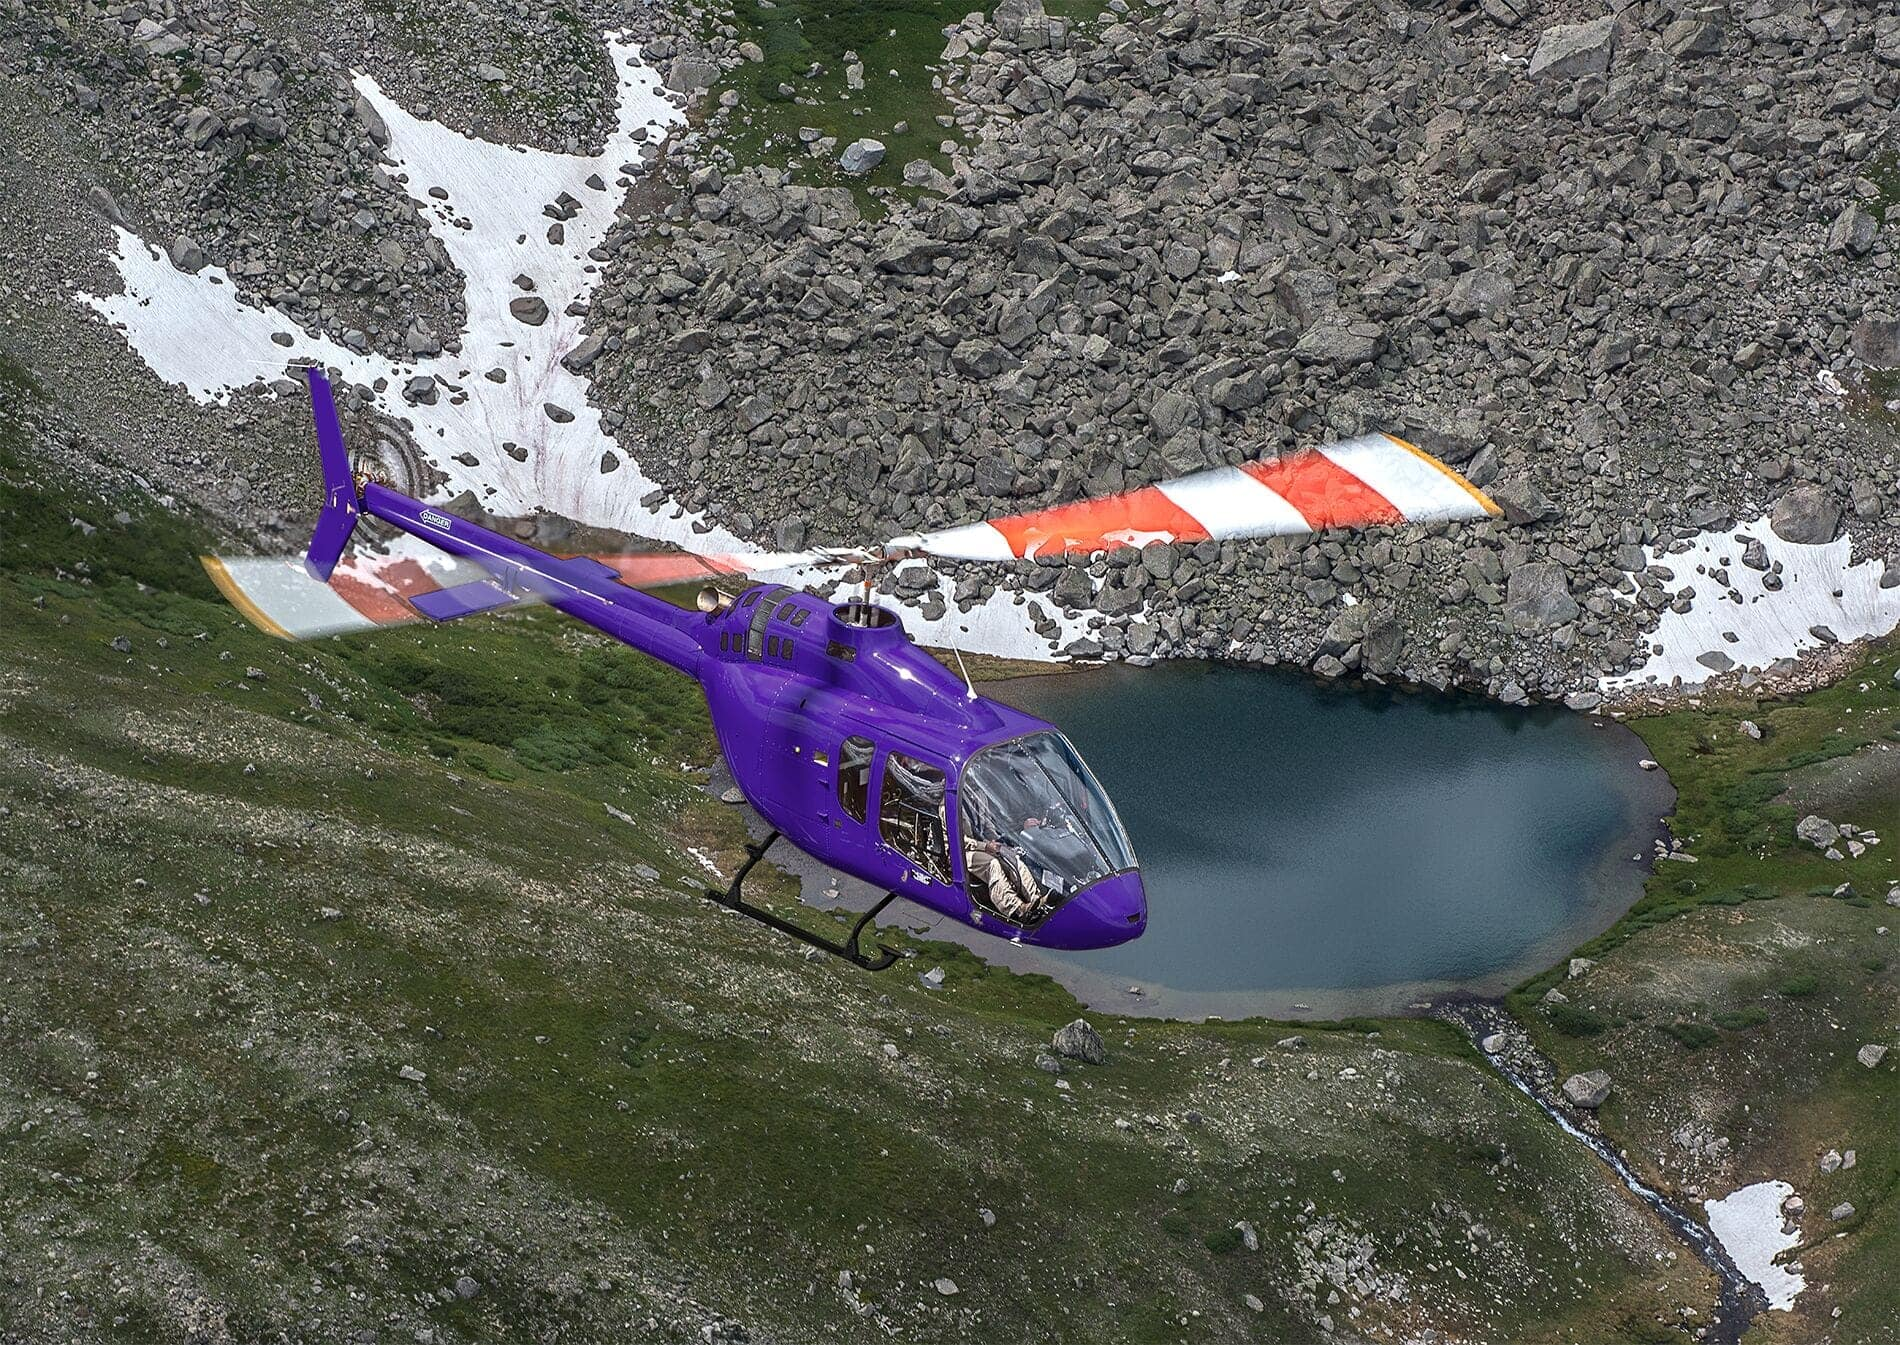 Un Bell 505 color púrpura sobrevolando las montañas.